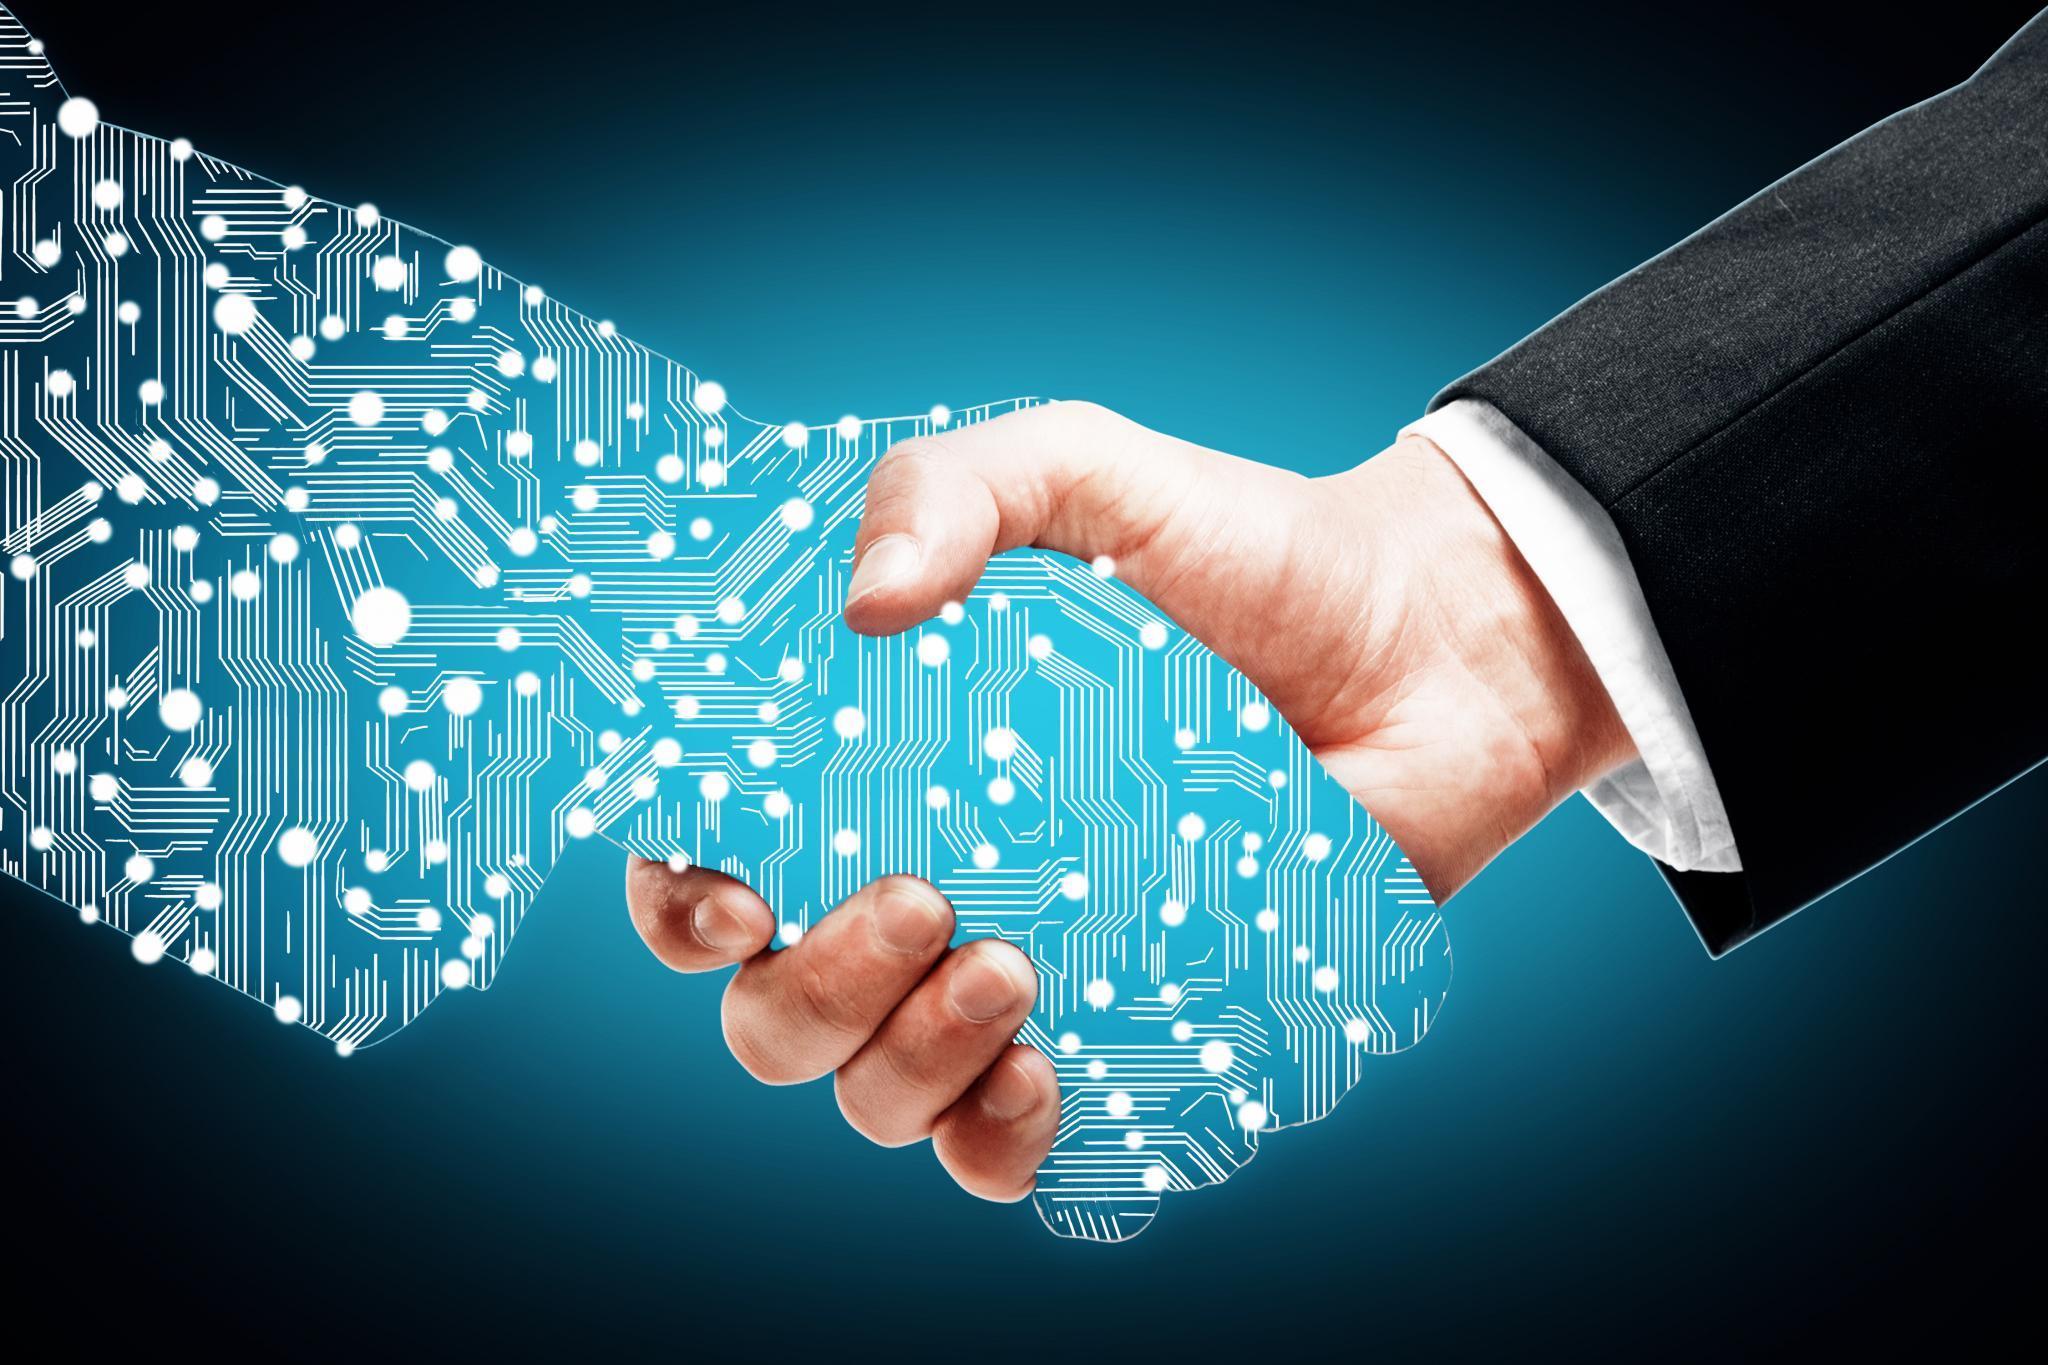 El networking en la era post-COVID